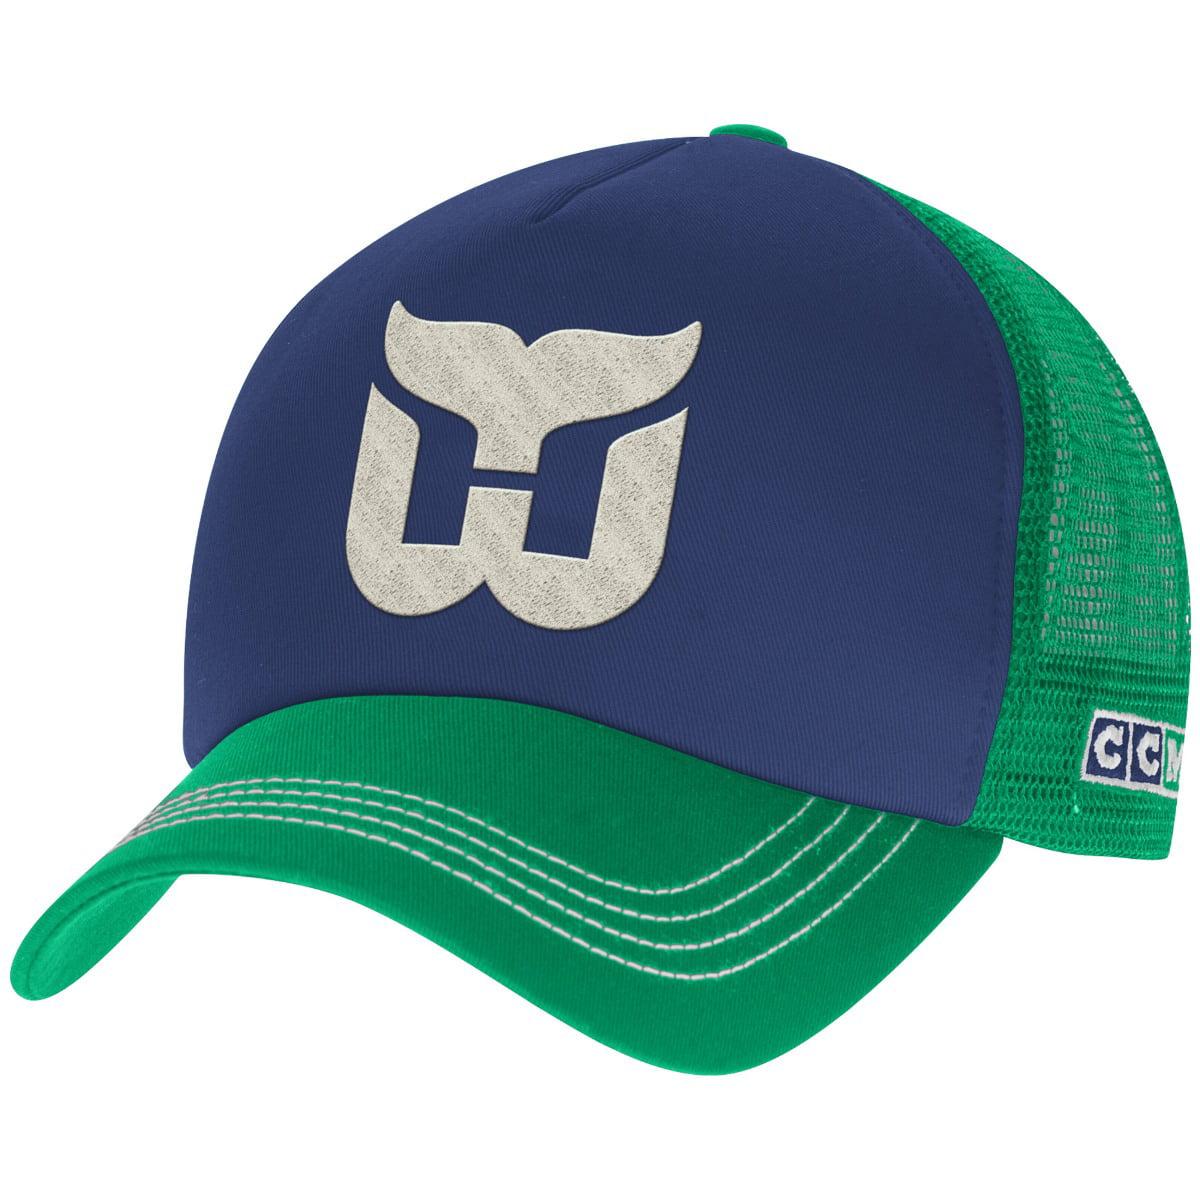 Boise State Broncos NCAA Adult Big Rig Structured Fit Meshback Adjustable Hat Team Color